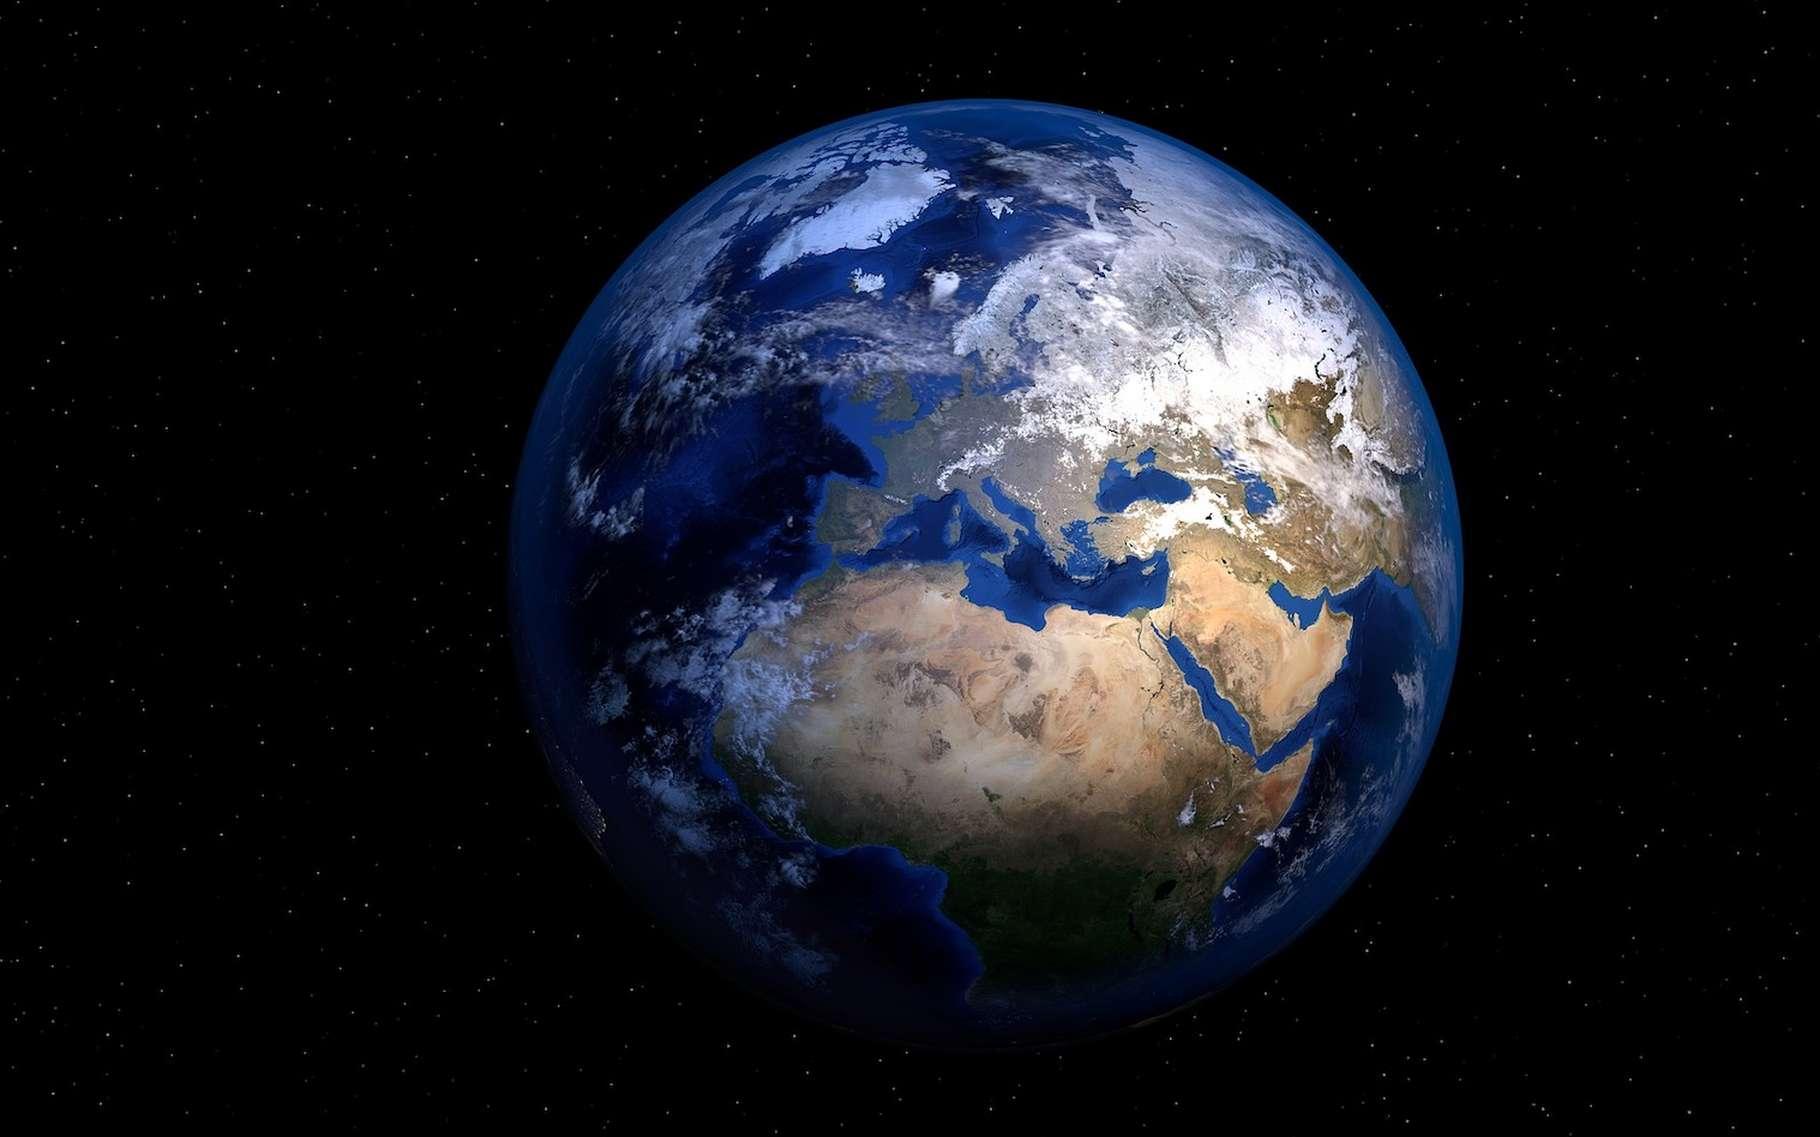 Des chercheurs ont étudié dans le potassium un état inhabituel et pourtant stable de la matière, à la fois solide et liquide. Un état apparu dans des conditions semblables à celles qui existent dans le manteau de la Terre. © PIRO4D, Pixabay License